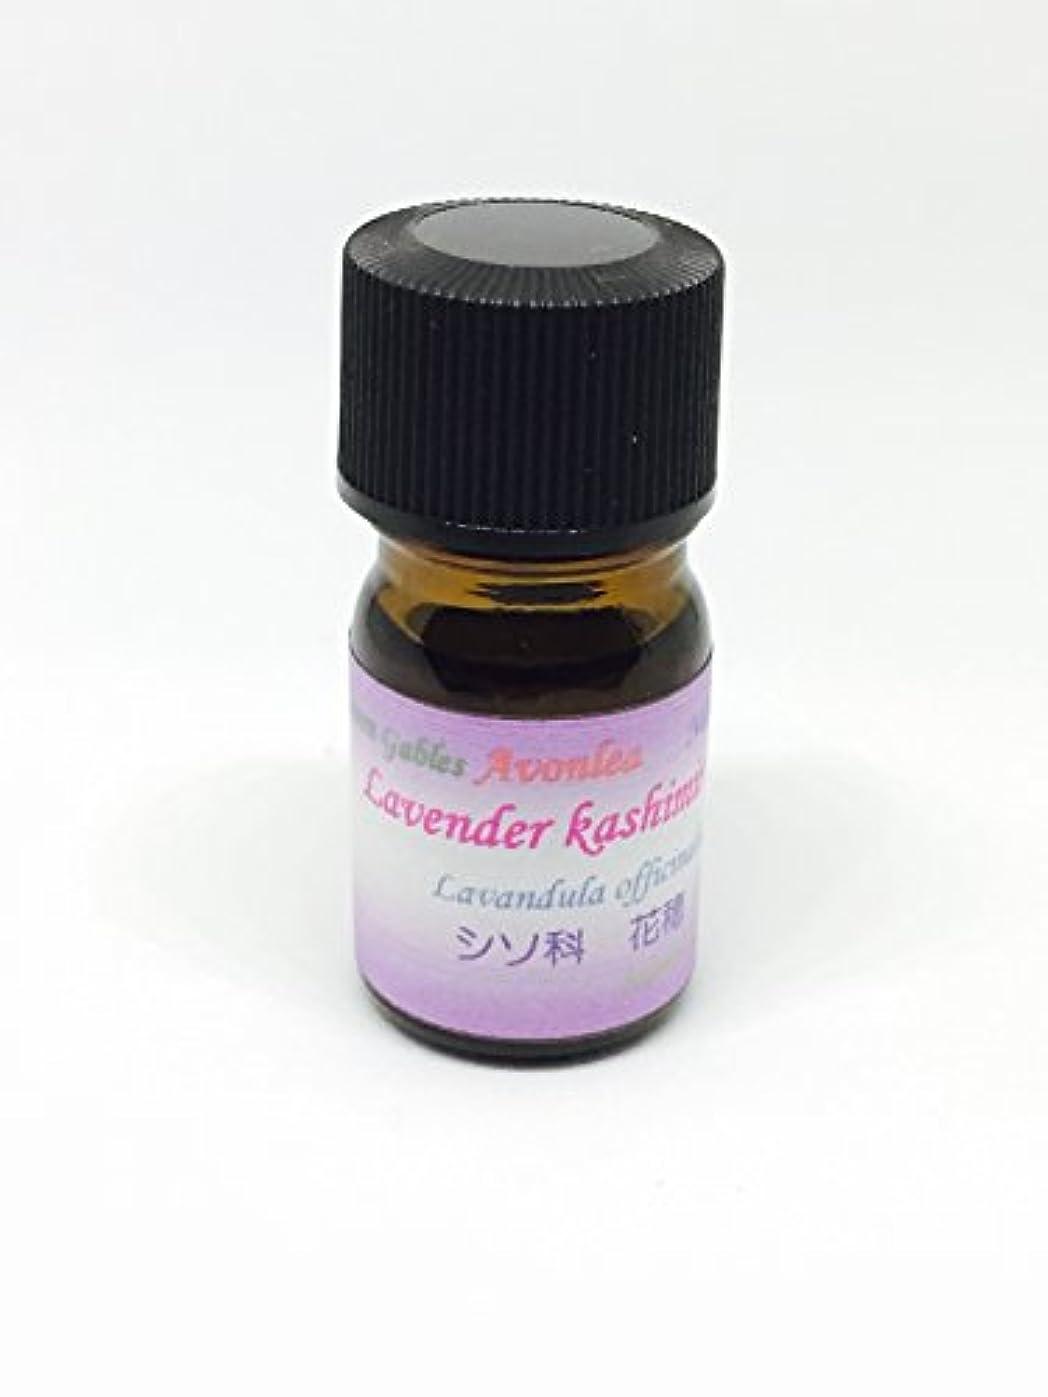 統治可能スローガン落ち着いて高原植物ラベンダー カシミール GⅡ 10ml 100%ピュアエッセンシャルオイル